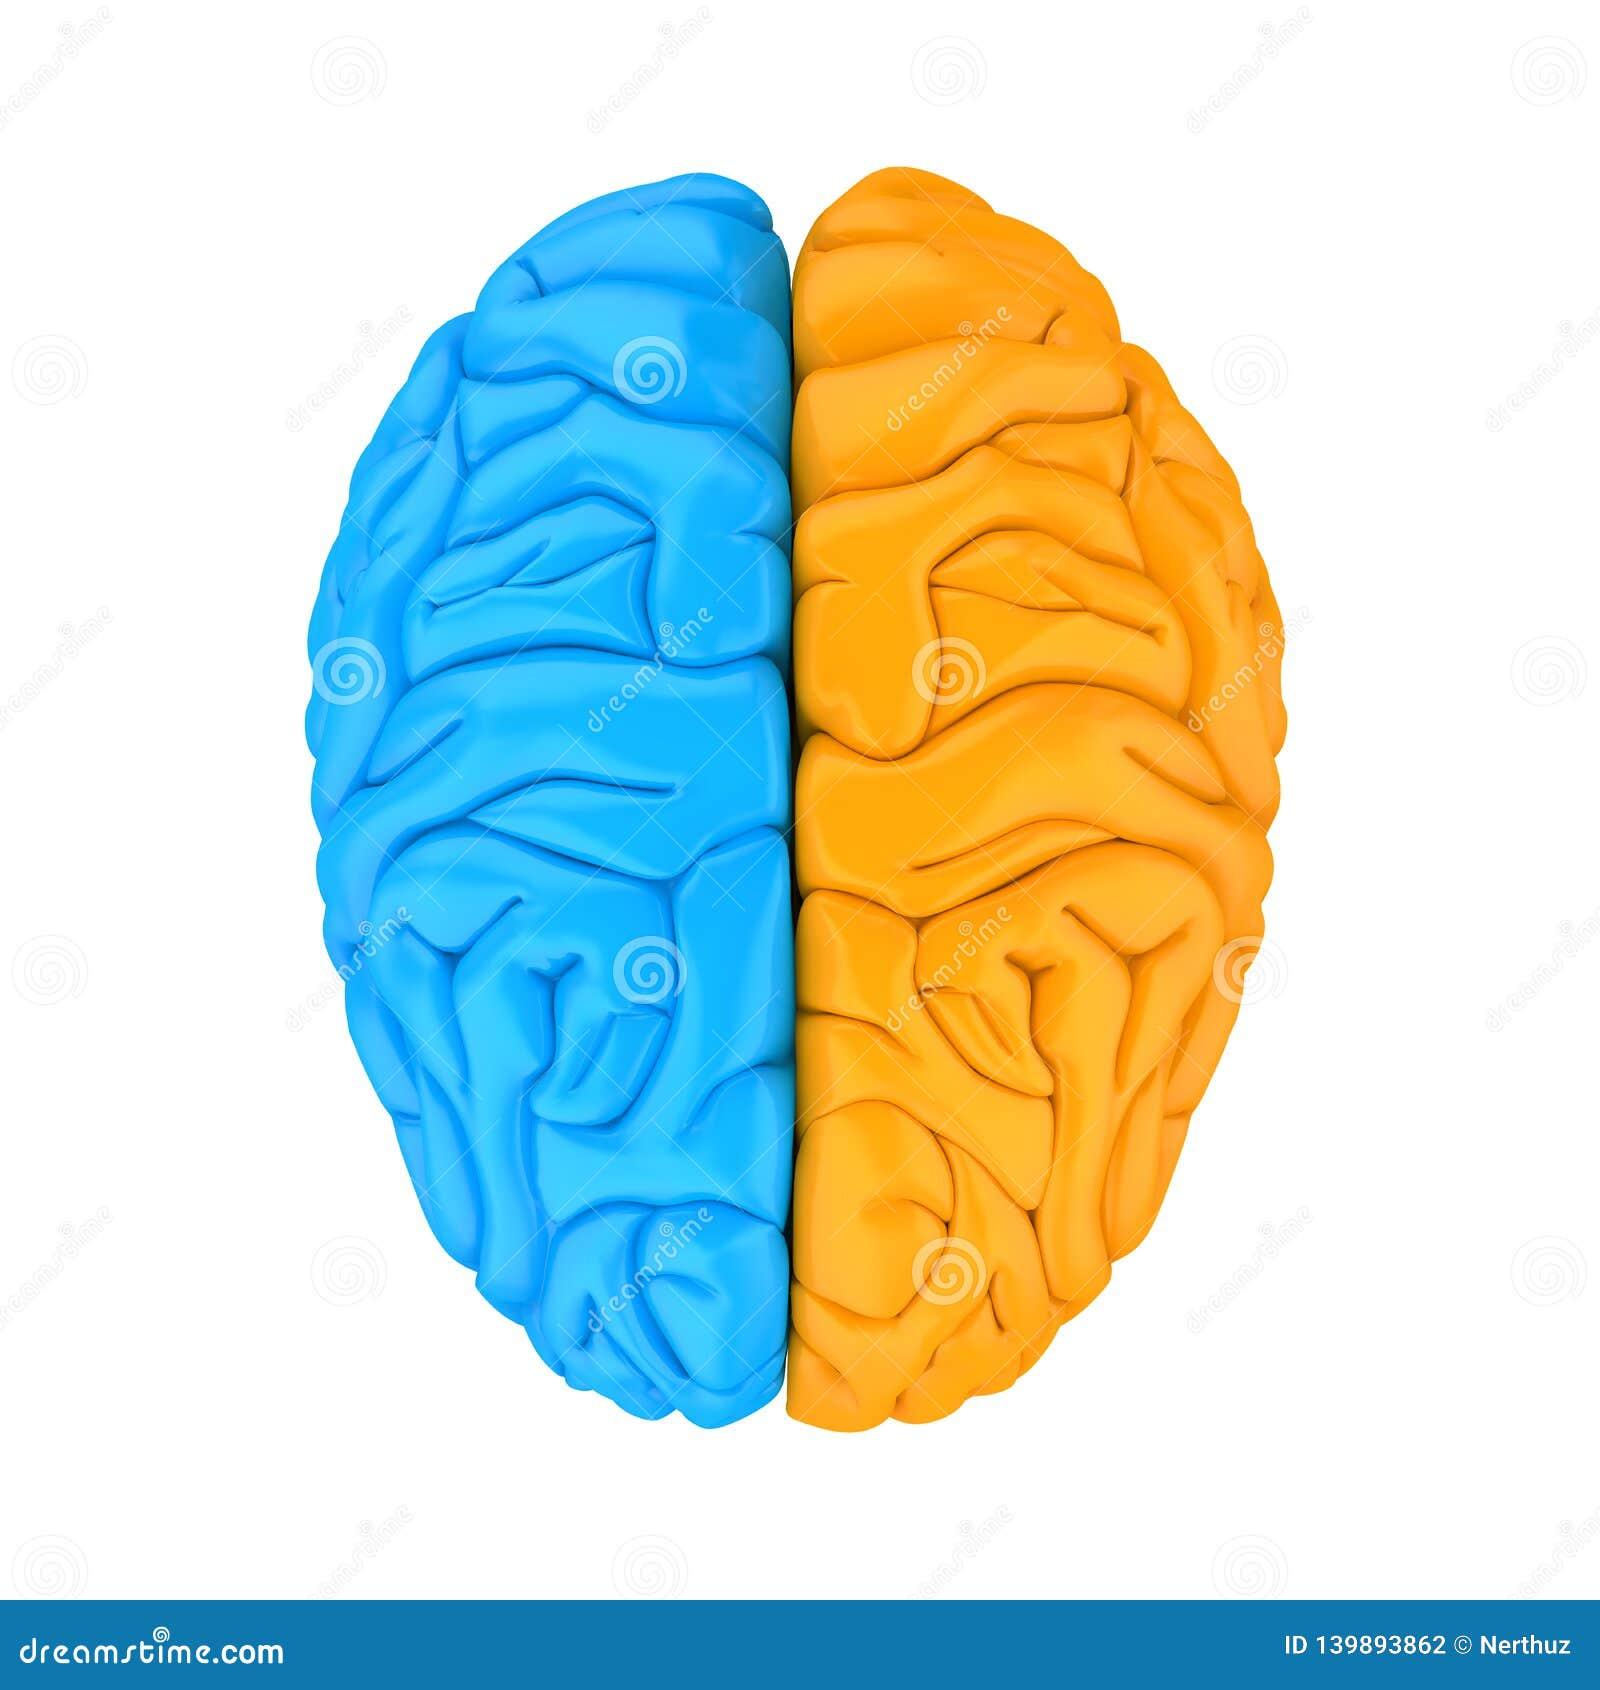 Vänster och höger människa Brain Anatomy Illustration